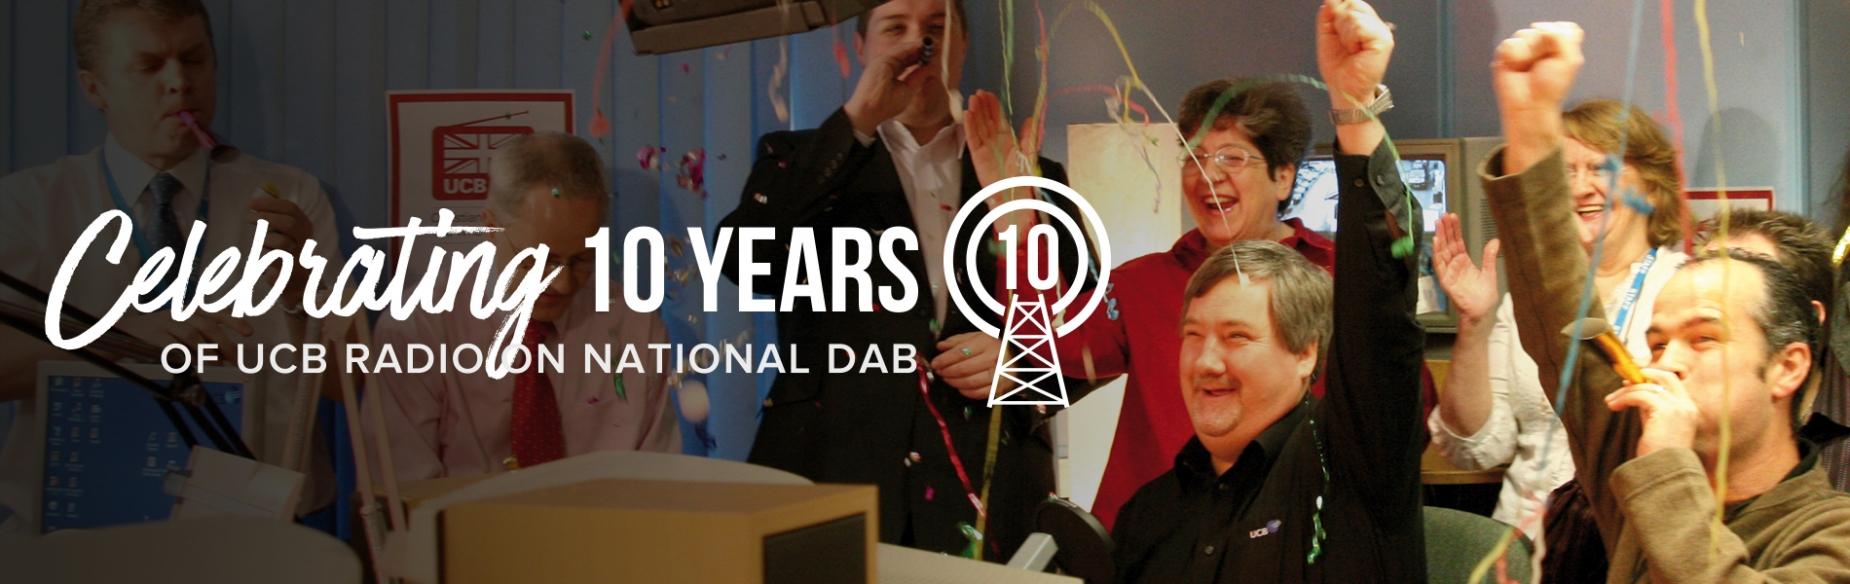 Celebrating 10 years of UCB Radio on National DAB